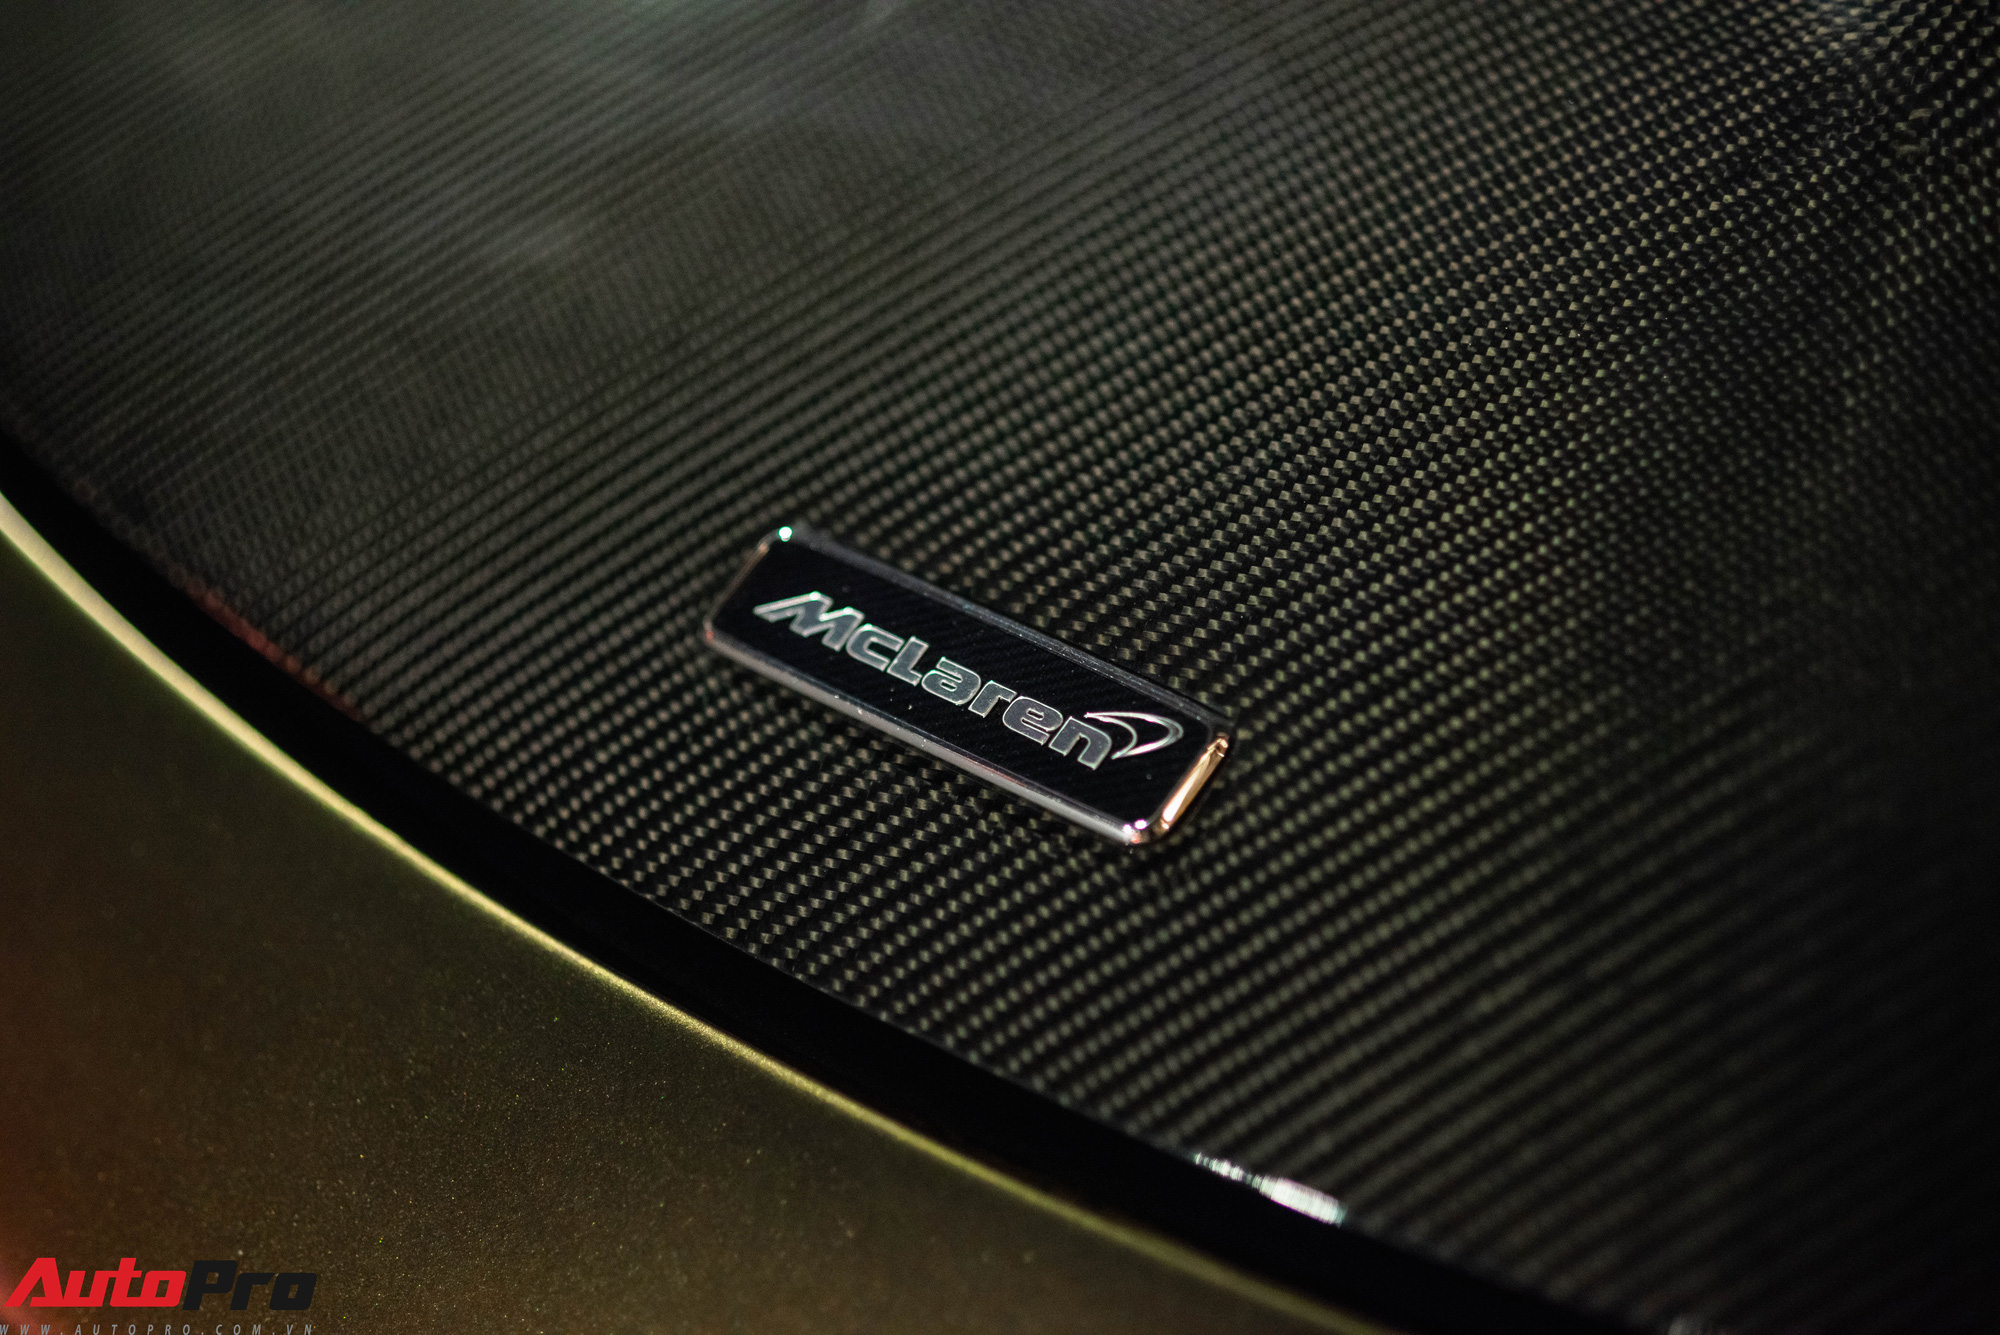 Nắp capo của xe được làm từ chất liệu sợi carbon với hai hốc gió được lấy cảm hứng từ siêu phẩm McLaren P1.